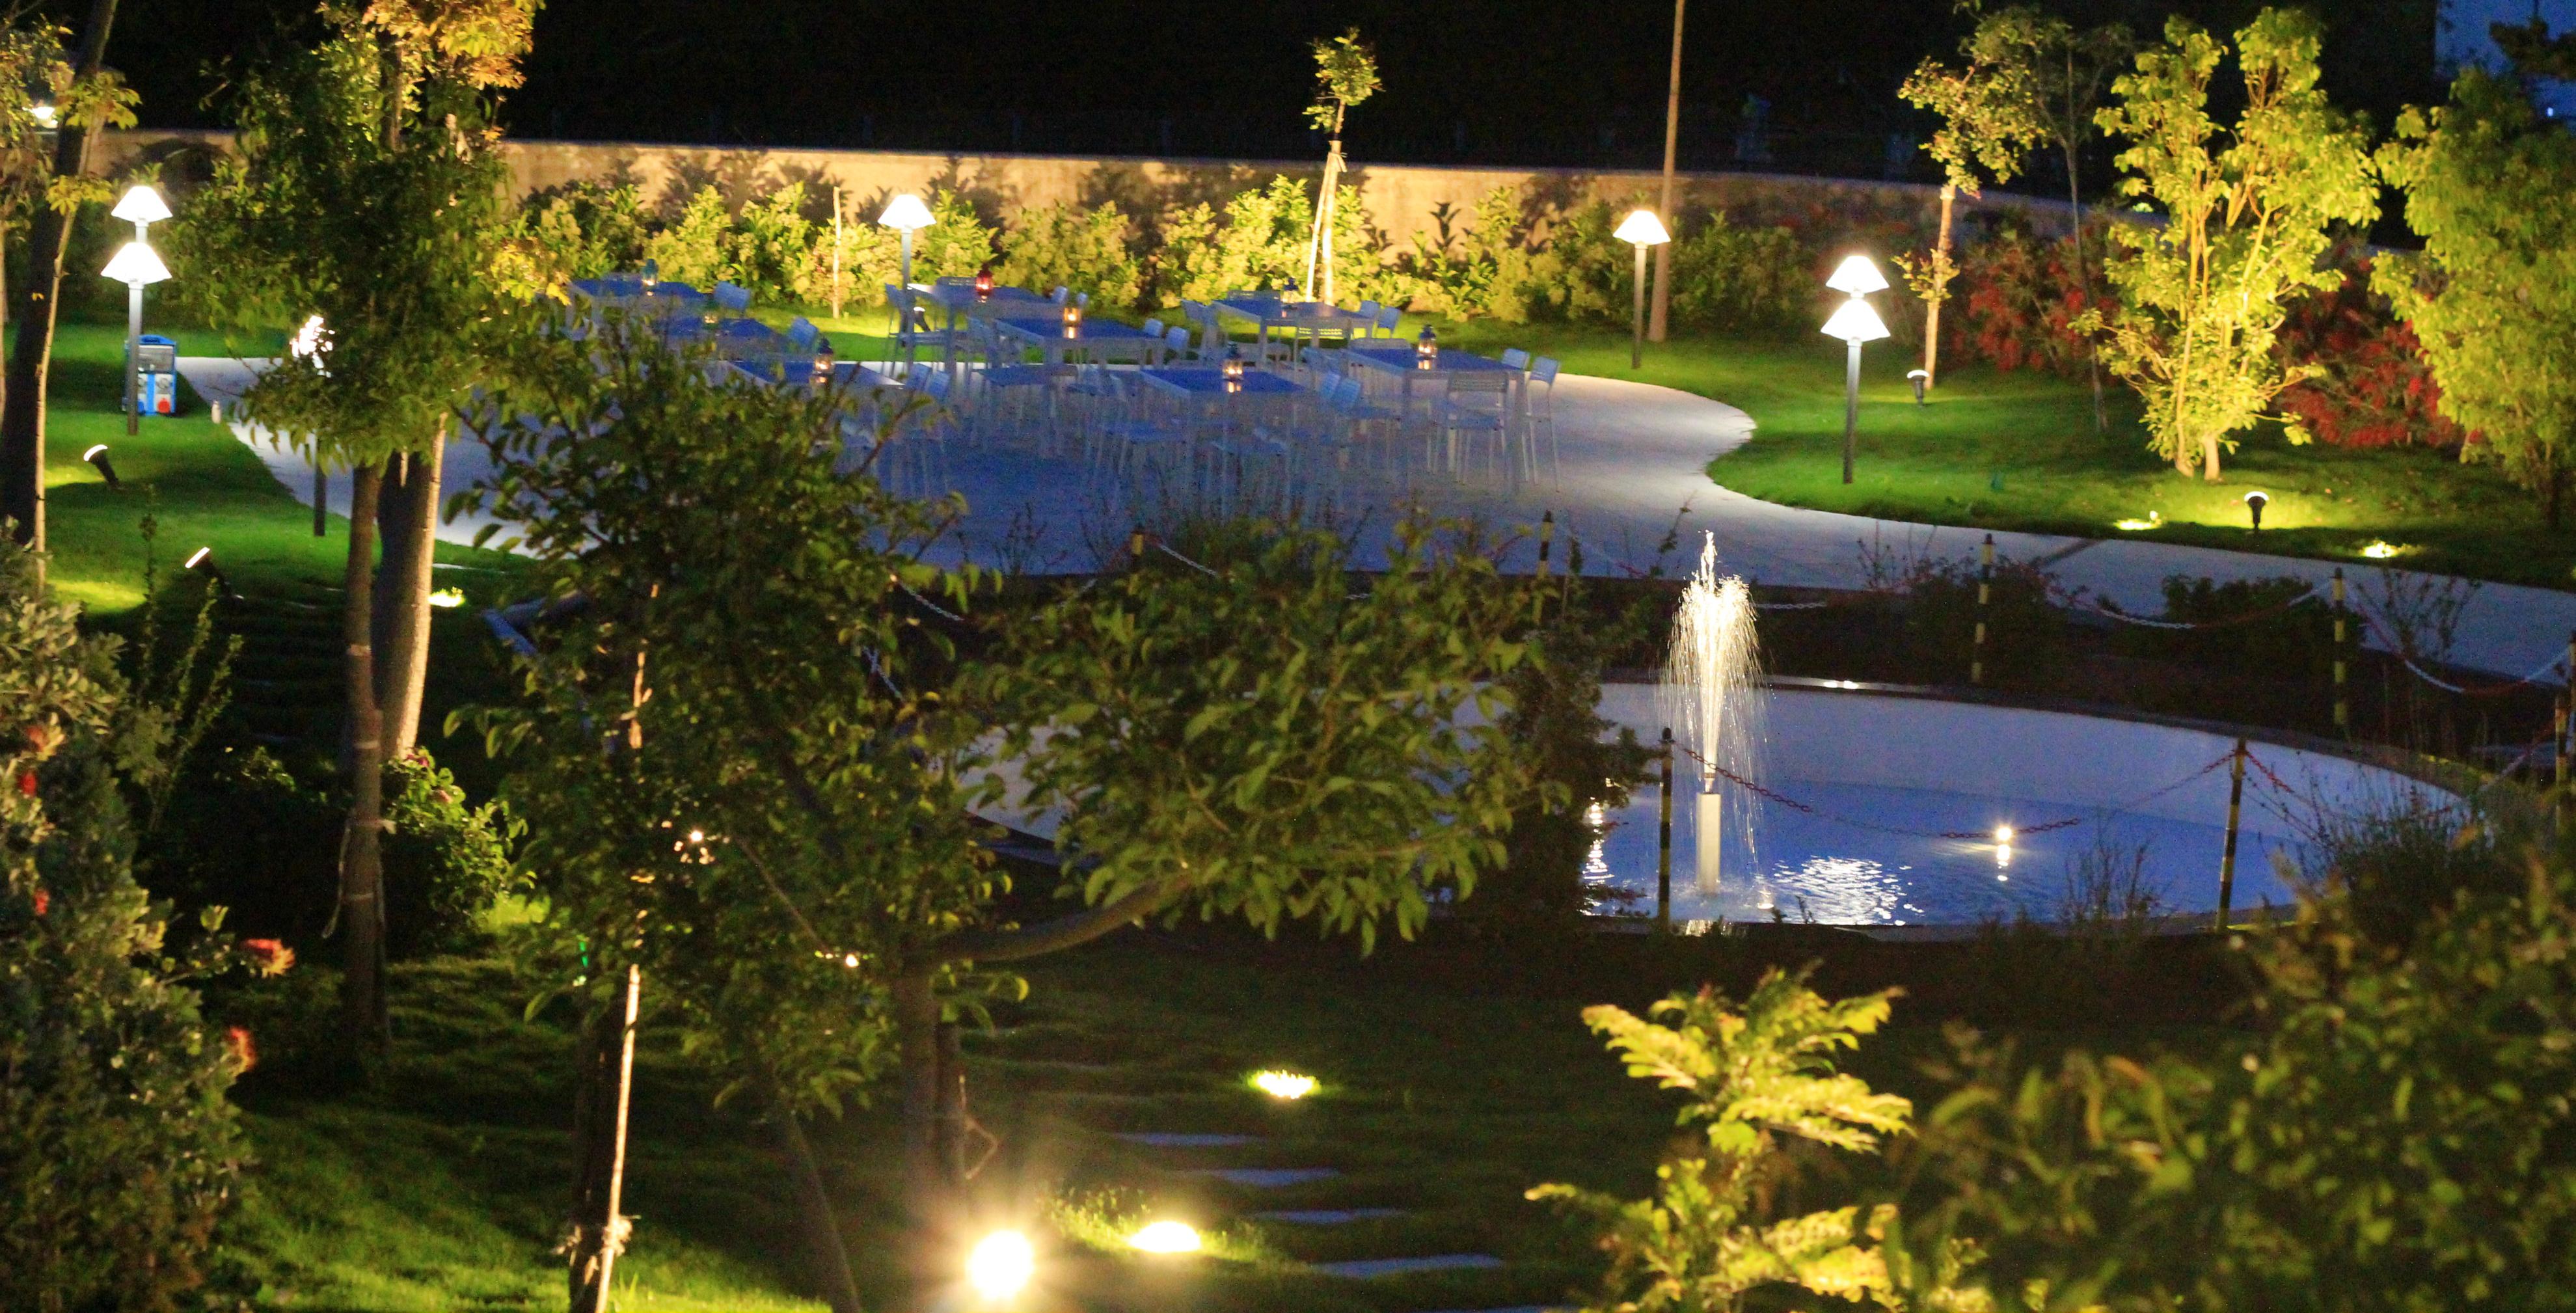 L'illuminazione del giardino a sera è romantica, ogni elemento viene enfatizzato dalla luce ...